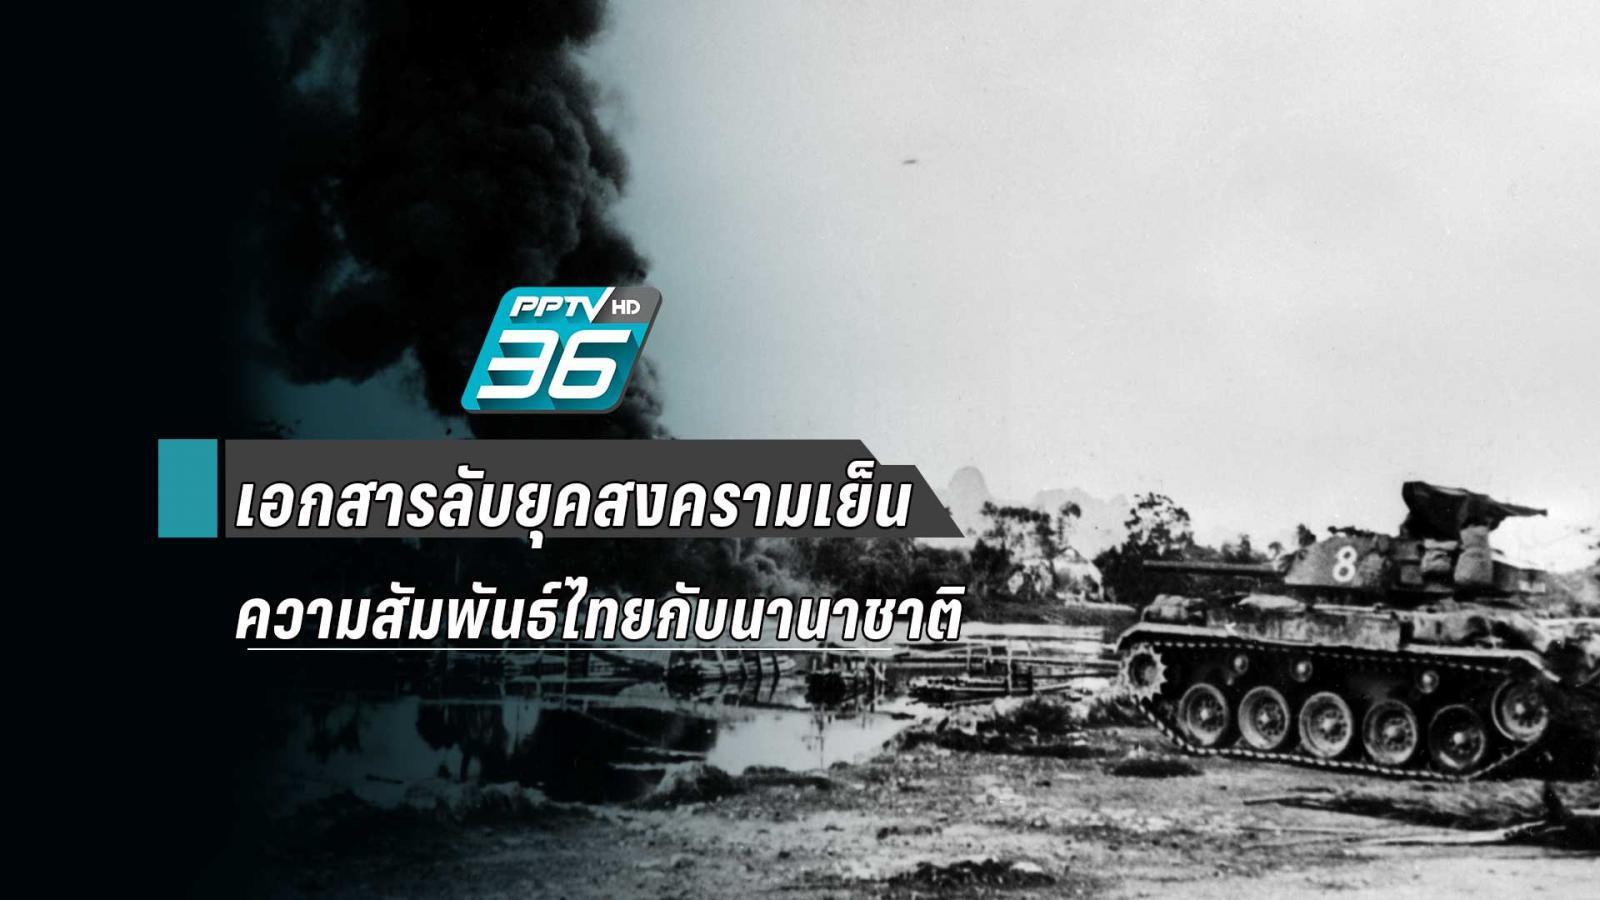 เปิดเอกสารลับยุคสงครามเย็น ความสัมพันธ์ไทยกับนานาชาติ